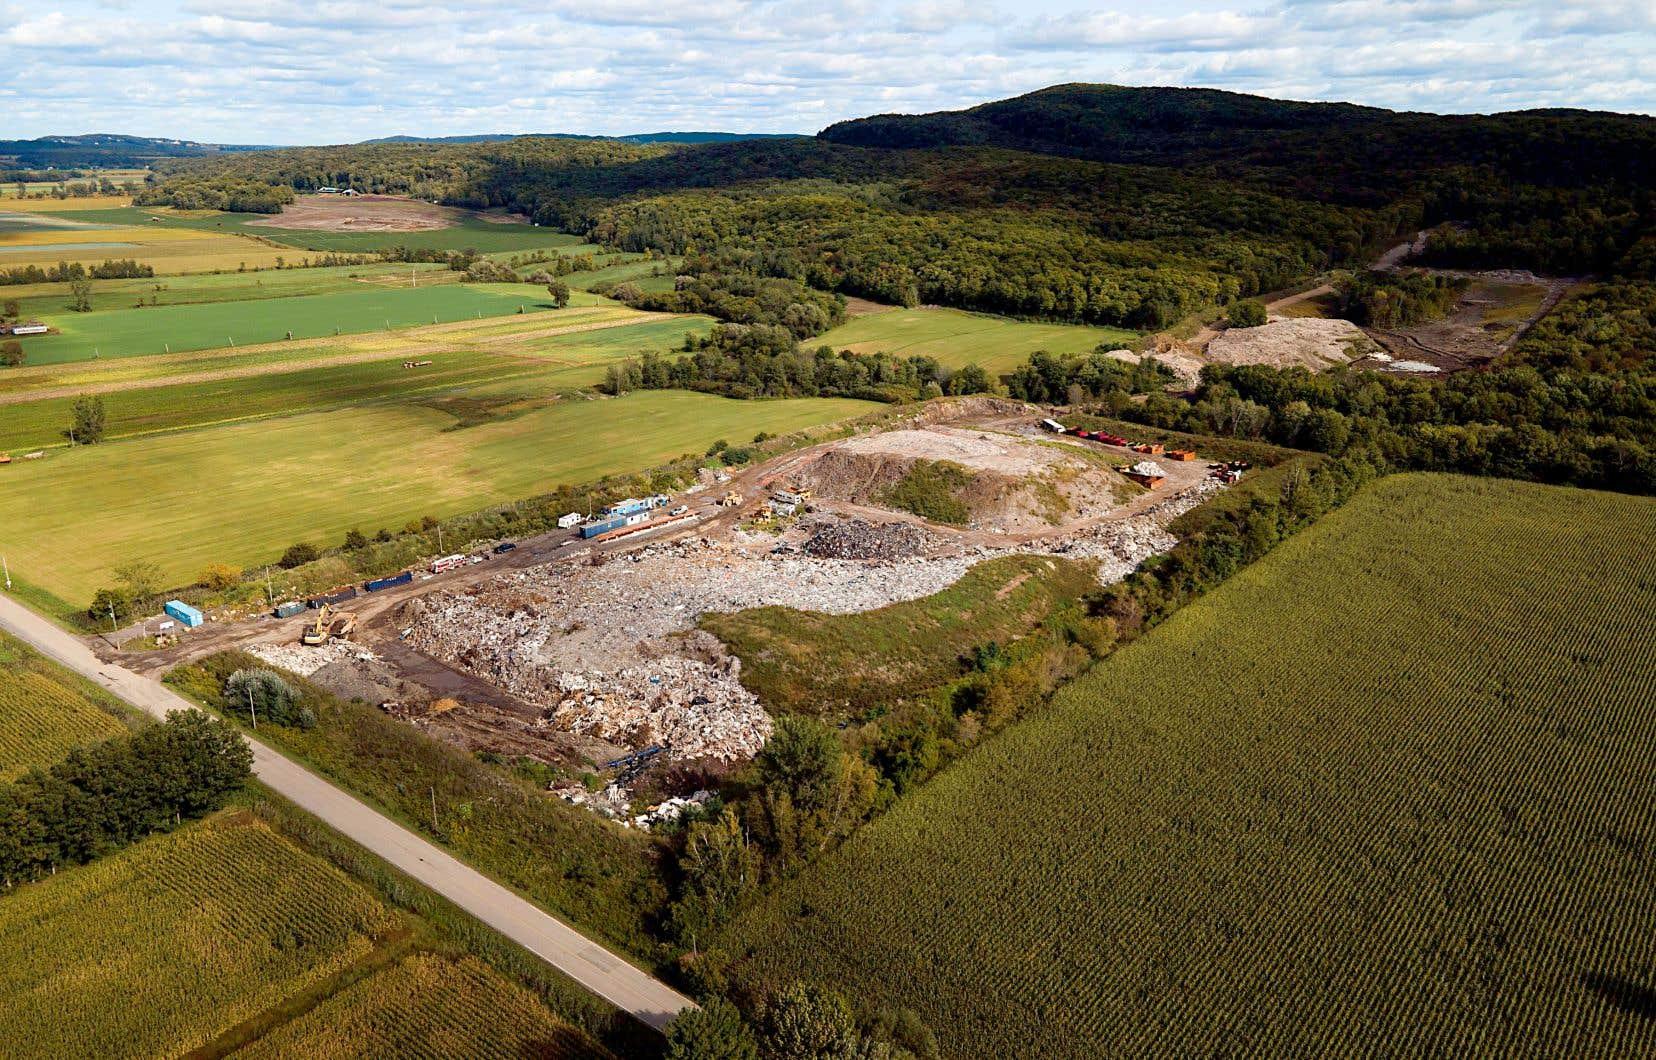 G&R Recyclage, qui appartient aux frères mohawks Robert et Gary Gabriel, se situe à la frontière des villes d'Oka et de Saint-Placide, sur une bande de terre mohawk.